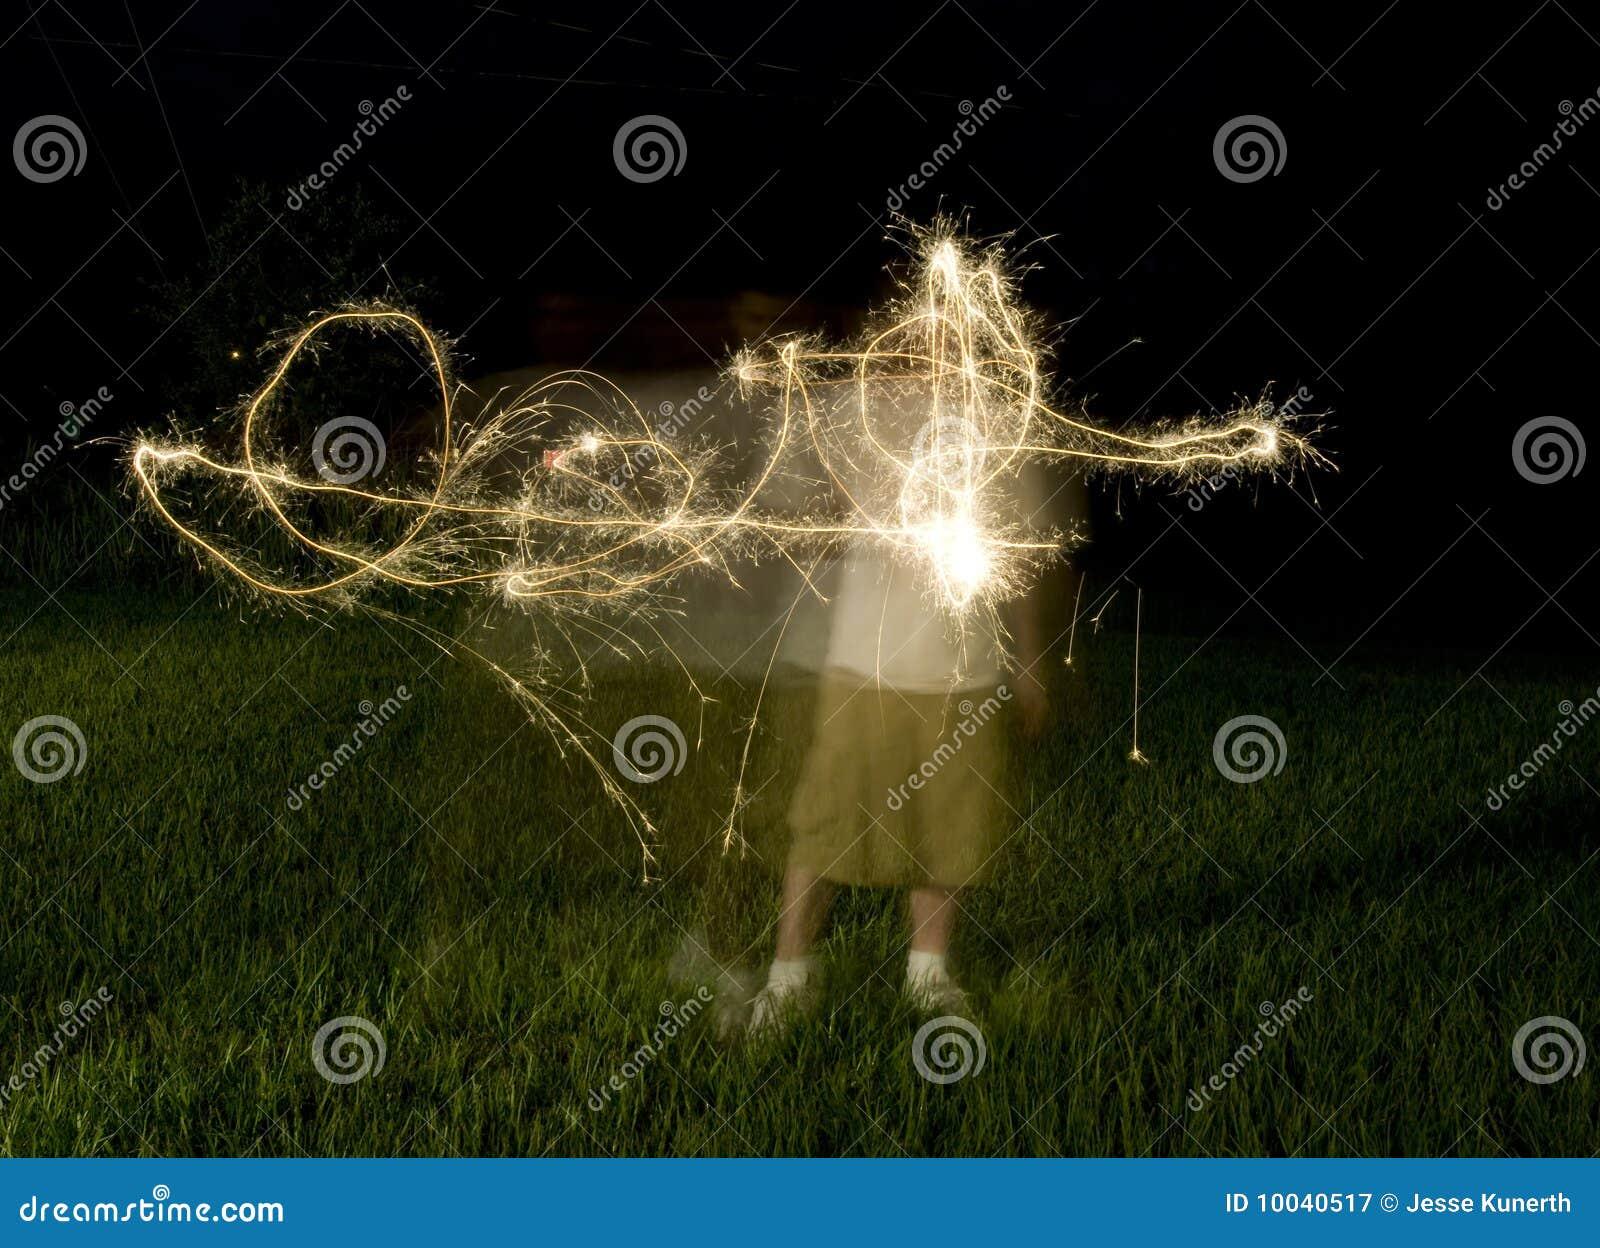 Forme abstraite des Sparklers